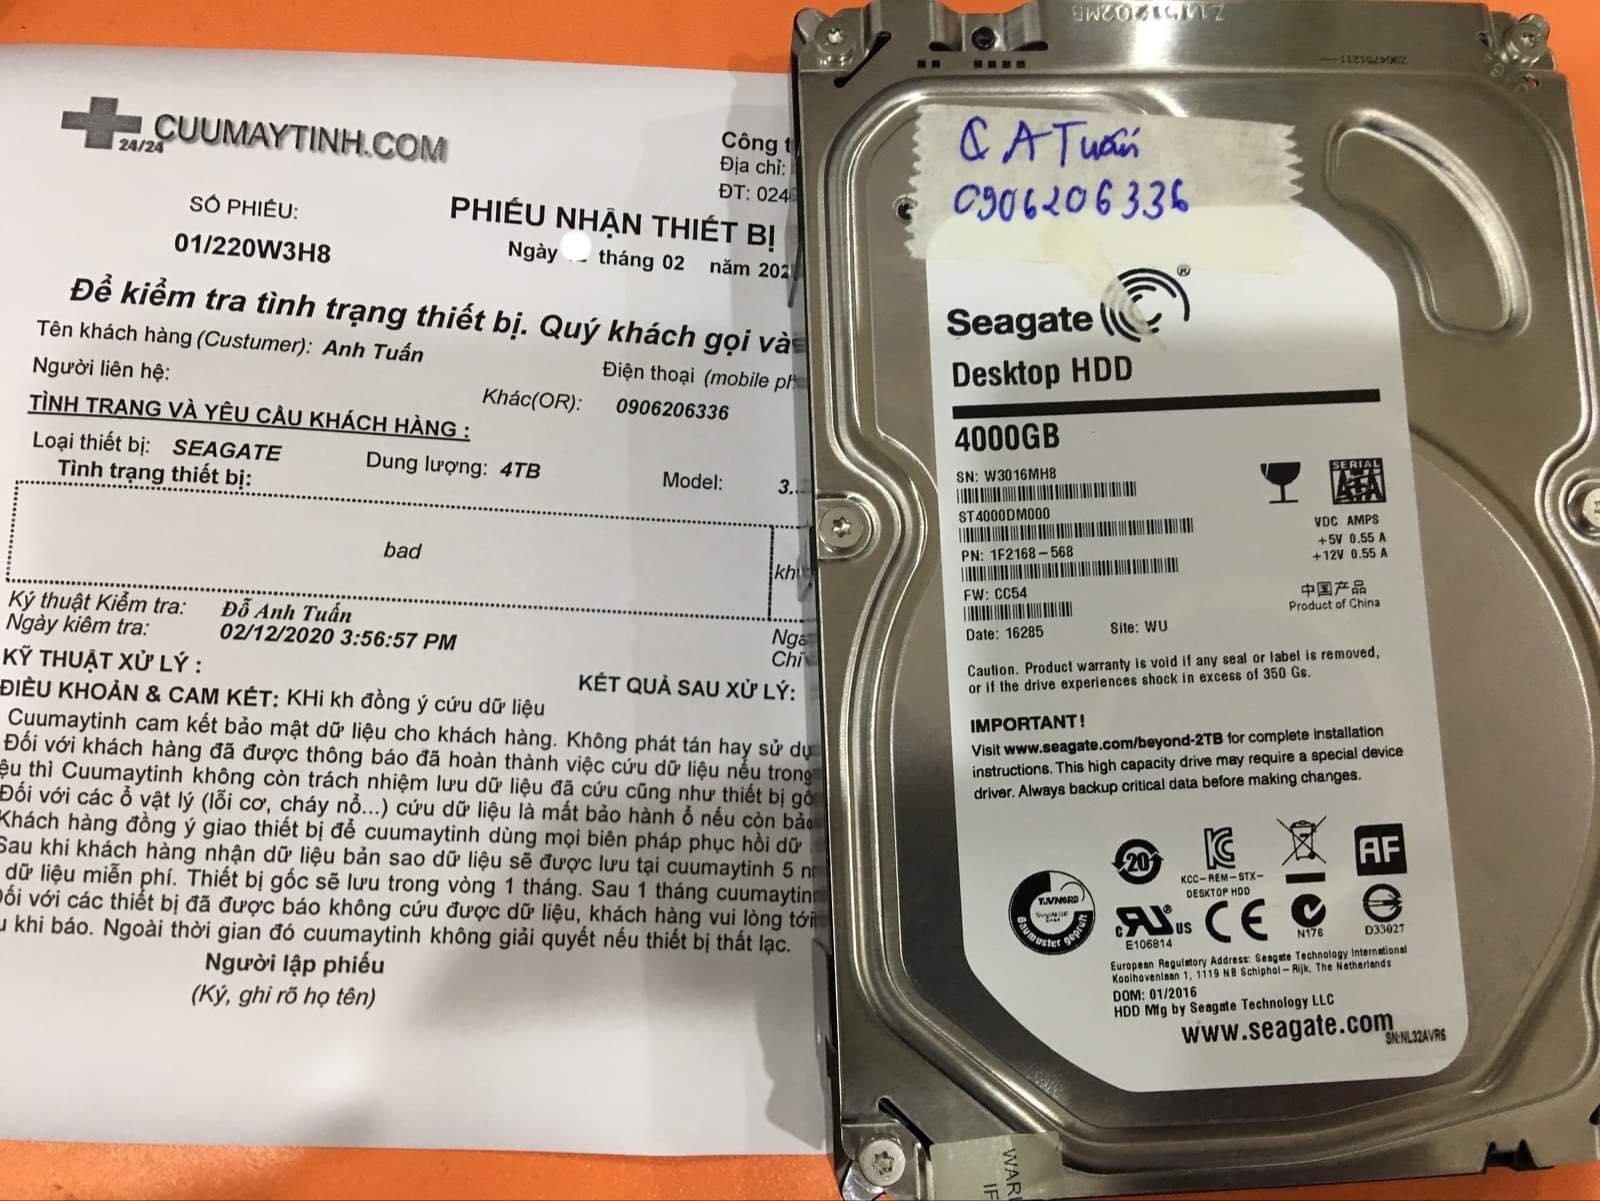 Phục hồi dữ liệu ổ cứng Seagate 4TB bad 15/02/2020 - cuumaytinh